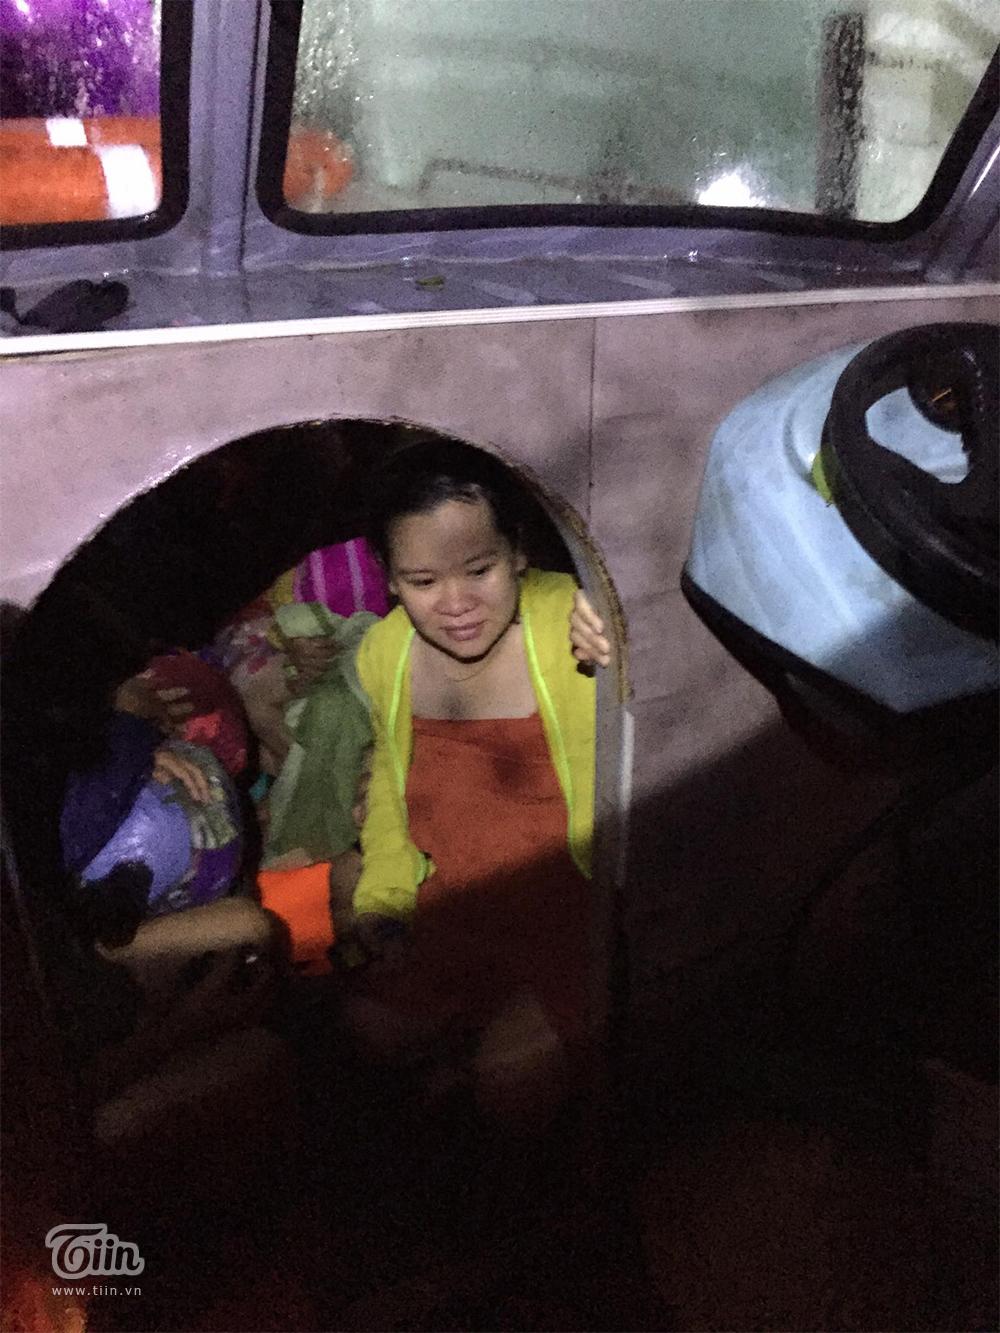 Đội cứu hộ cùng người nhà chung sức chung lòng đưa chị Mến lên cano an toàn